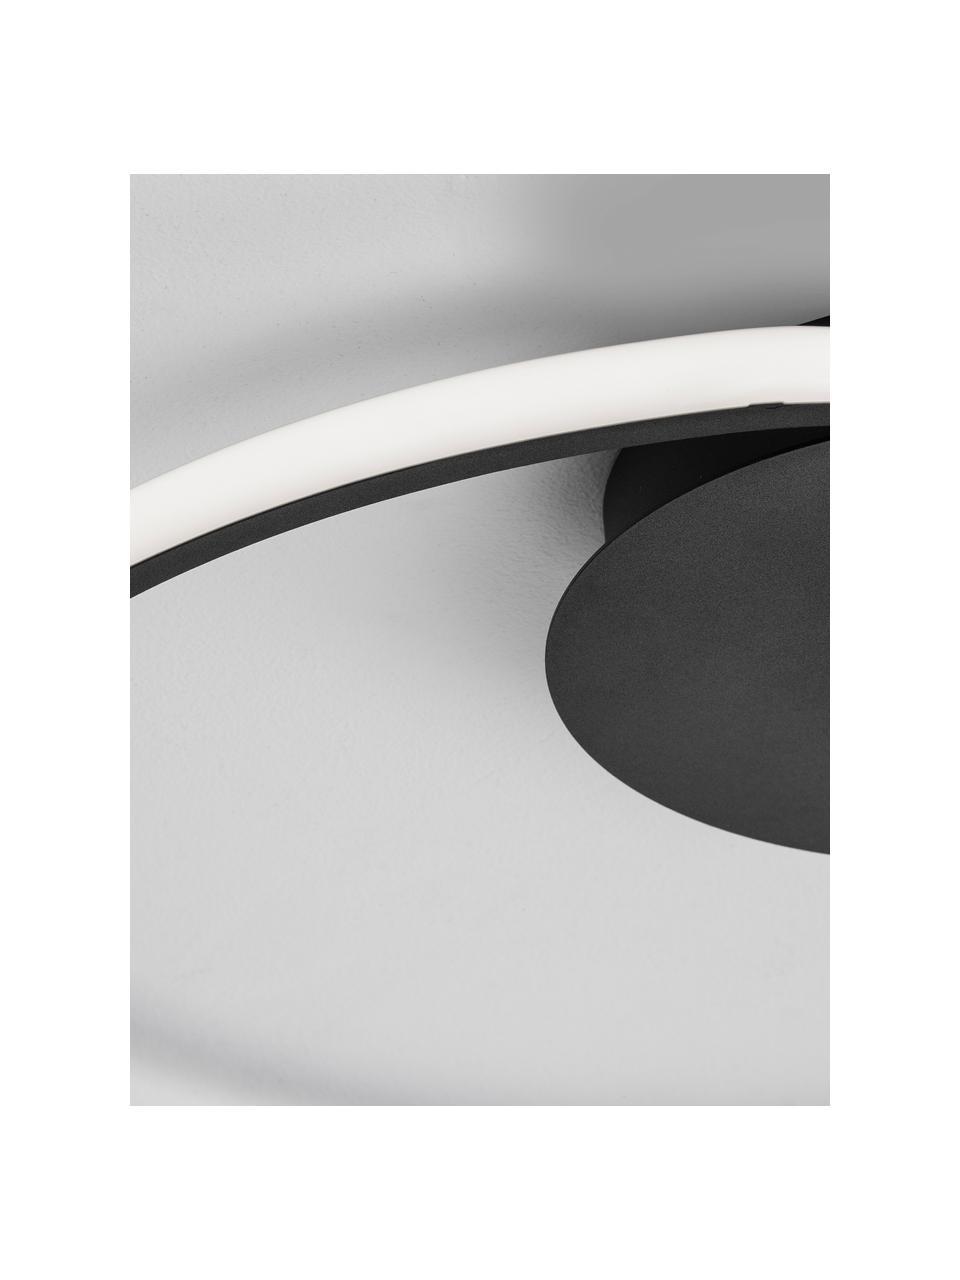 Lampa sufitowa LED z funkcją przyciemniania Fuline, Czarny, Ø 50 x W 5 cm